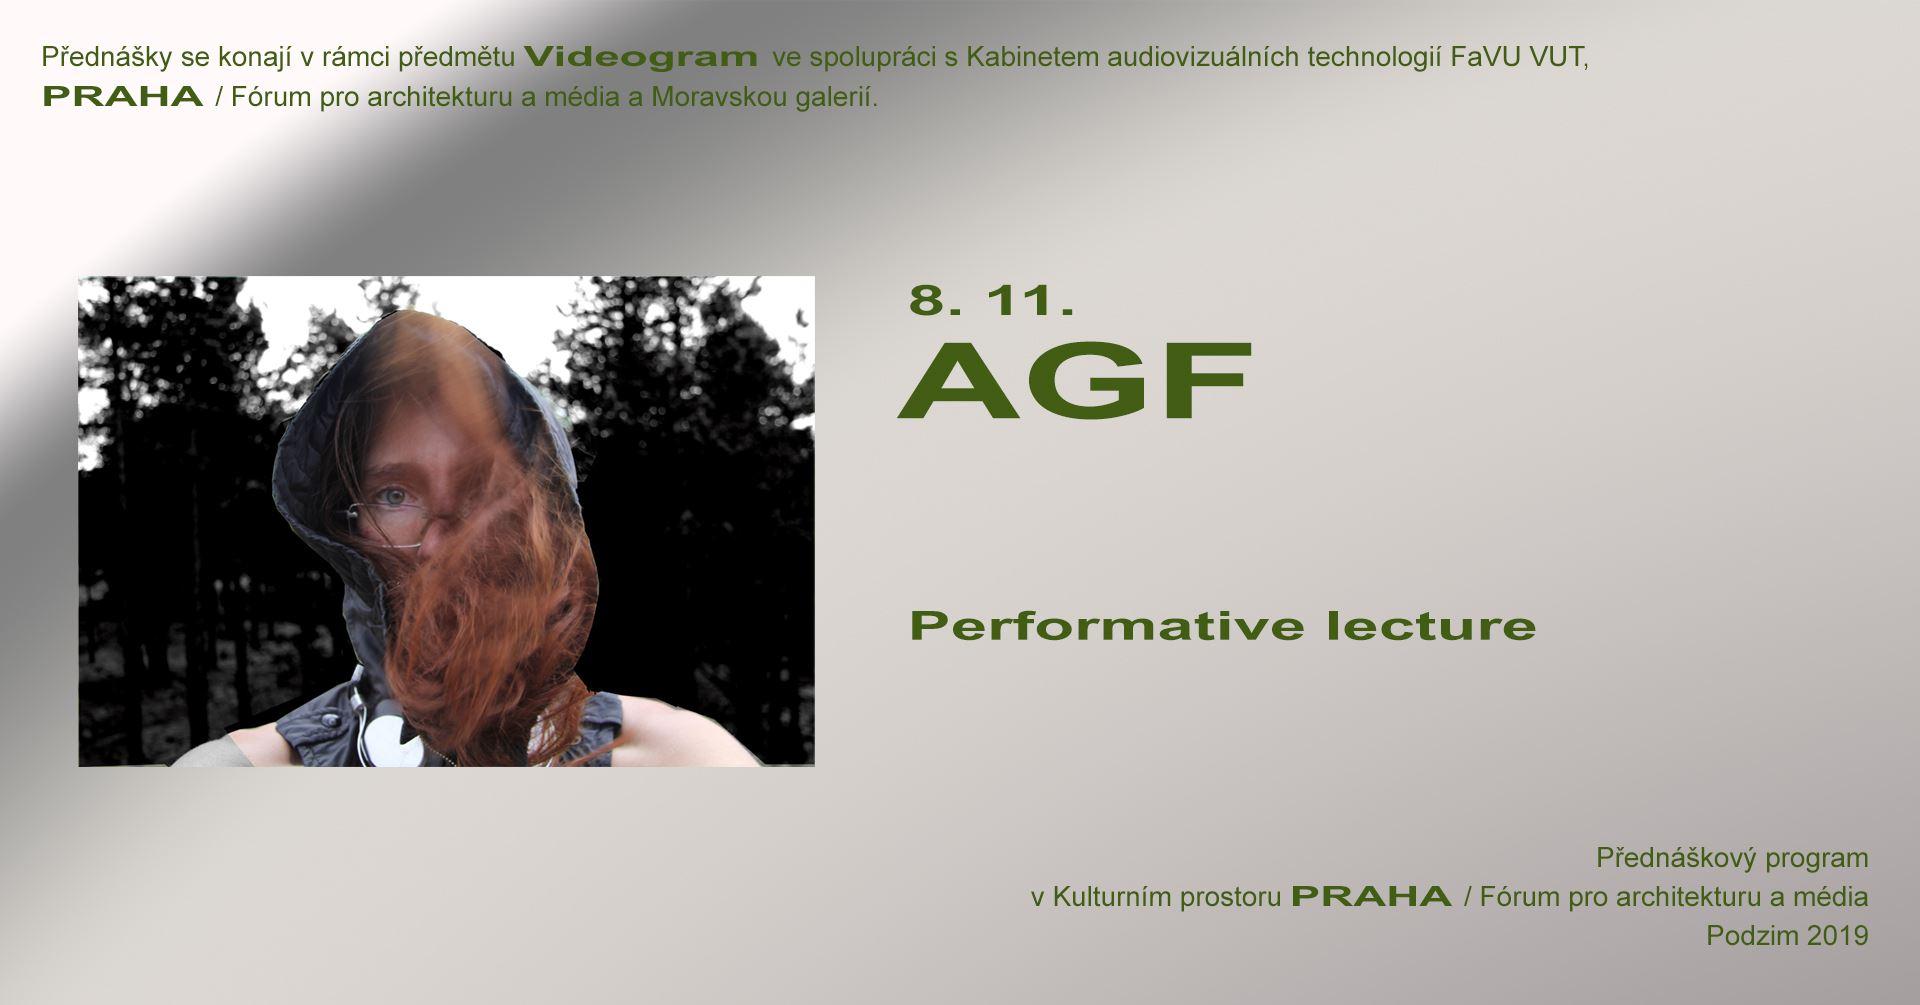 PÁ / 8.11. / 19.00 / Videogram Speciál: AGF – Performative lecture / projekce, diskuse